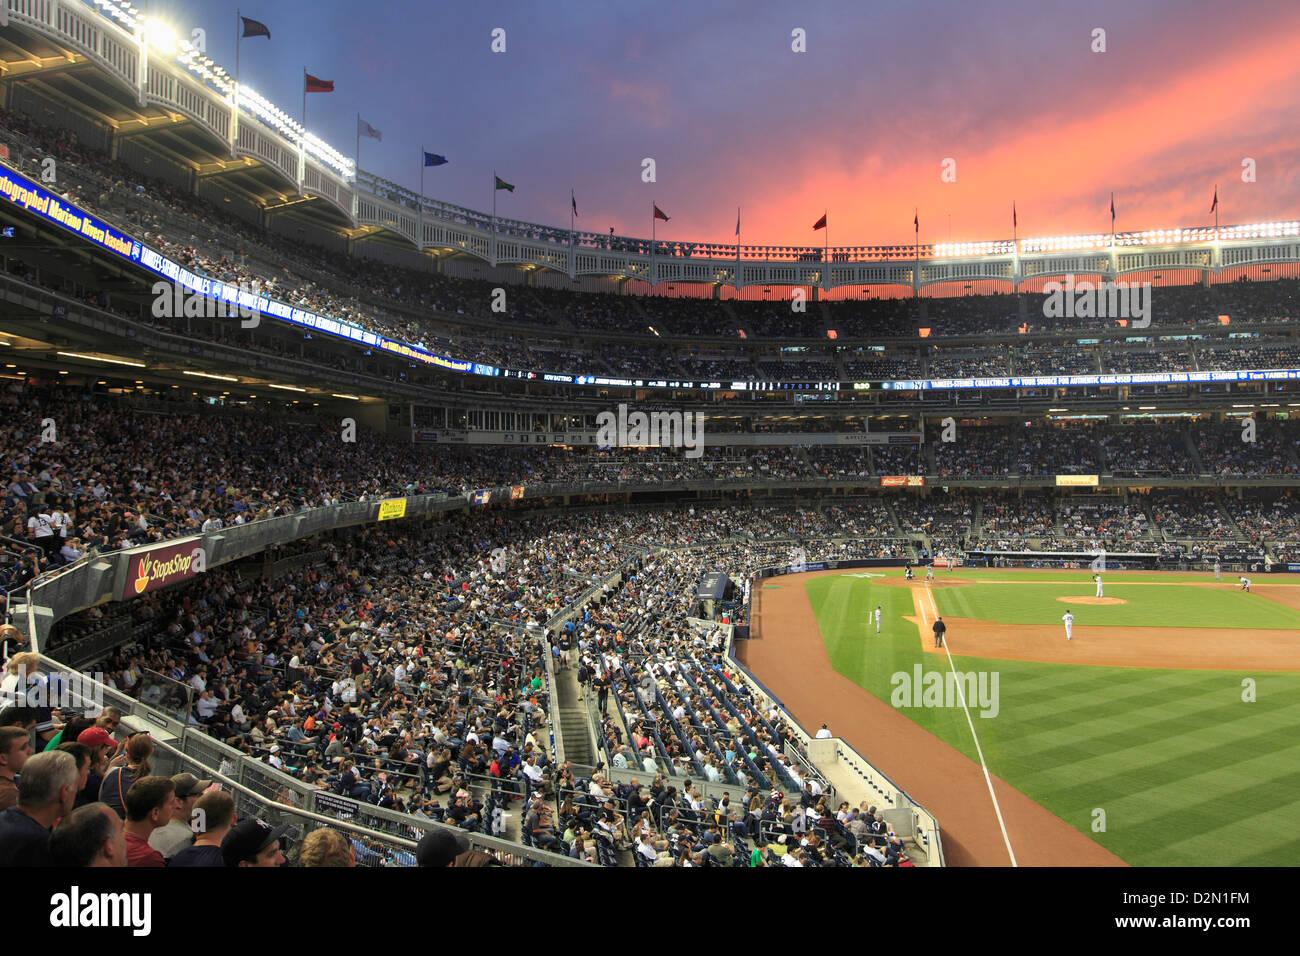 Baseball gioco, lo Yankee Stadium, Bronx, New York City, Stati Uniti d'America, America del Nord Immagini Stock